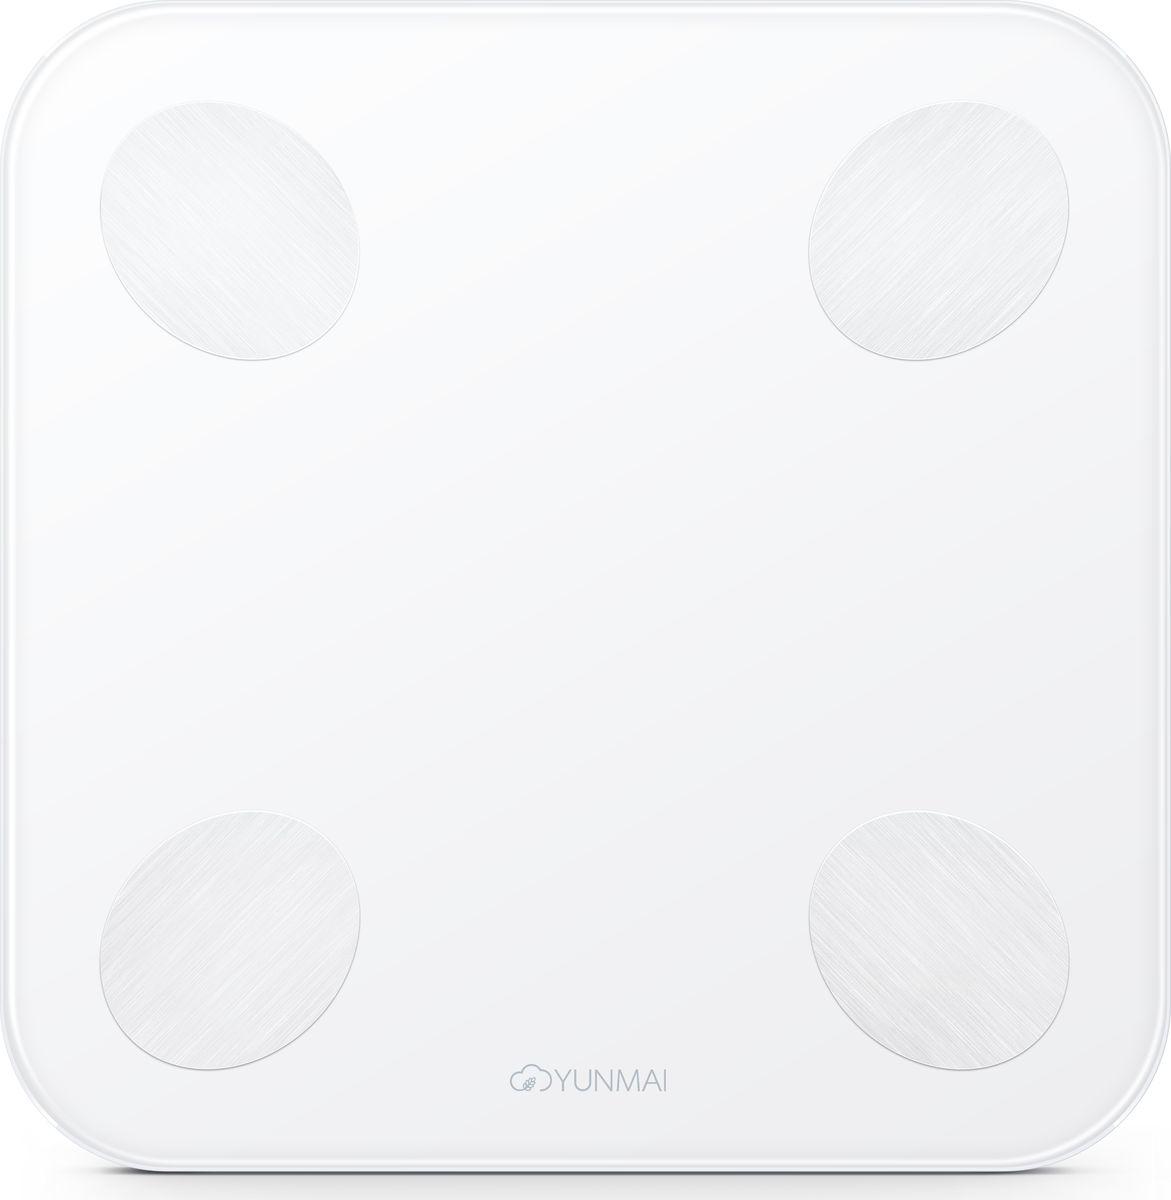 Yunmai Balance, White весы напольныеM1690Компания Yunmai является лидером рынка умных весов в США и активноразвивается на европейском, африканском и азиатском рынках.КомпанияYunmai фокусируется на создании интеллектуальных устройств в рамках заботы оздоровье для домашнего использования. Yunmai использует накопленные знанияв области интеллектуальных инноваций и успешно интегрирует их в своепроизводство.Умные весы Yunmai не только точно измеряют вес, но такжеприменяют метод биоэлектрического сопротивления (BIA) для измерения ИМТ,мышечной массы, массы костей, воды, обмена веществ, возраста тела,висцерального жира, белка и так далее. Анализ показателей помогает понятьобщее состояние организма и помогает в организации диеты и образа жизни.Yunmai – это умная забота о здоровье для каждого. Yunmai Balance -компактный размер, высокоточные сенсоры и запоминающаяся внешность всочетании с измерением важных показателей организма делают эти весыоптимальным выбором для любого покупателя.